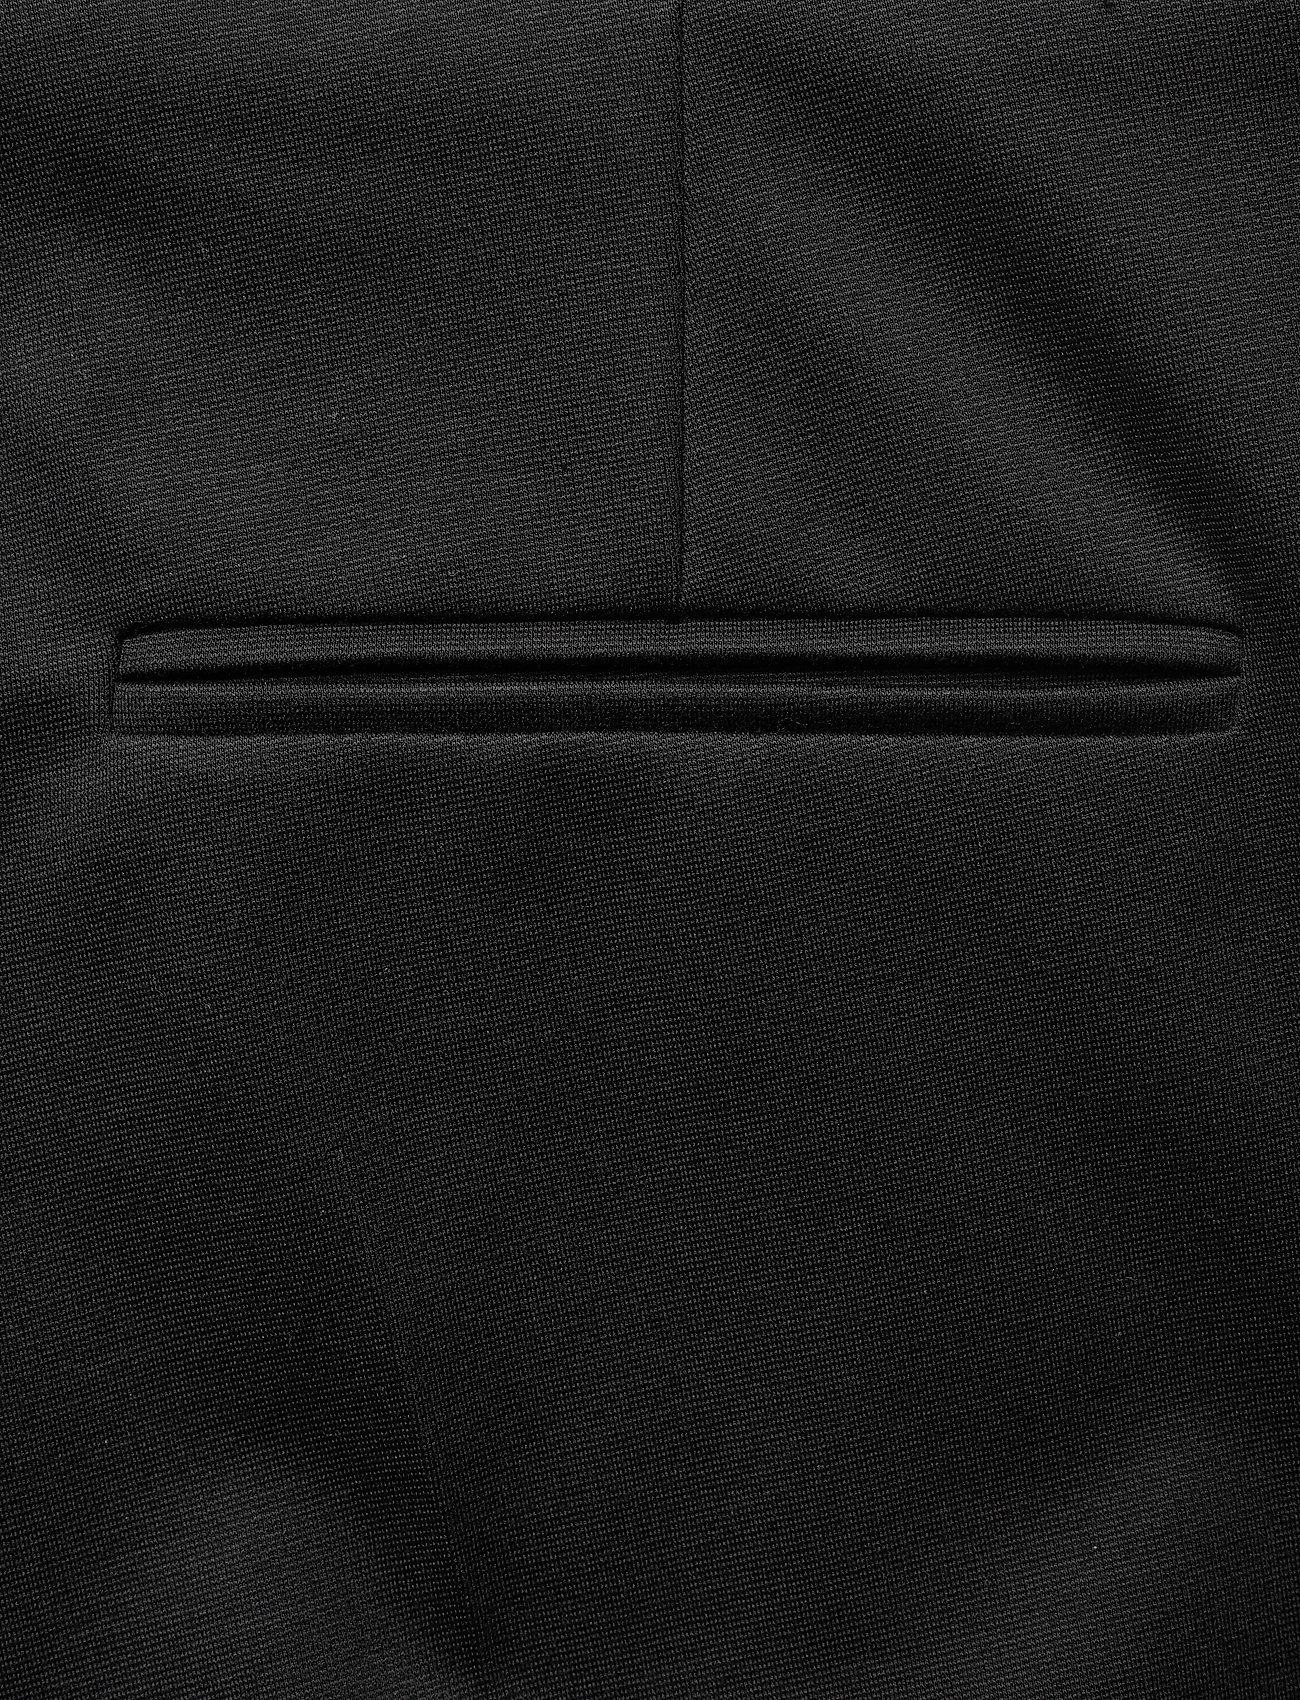 Totême TROIA SLACKS - Spodnie BLACK 200 - Kobiety Odzież.